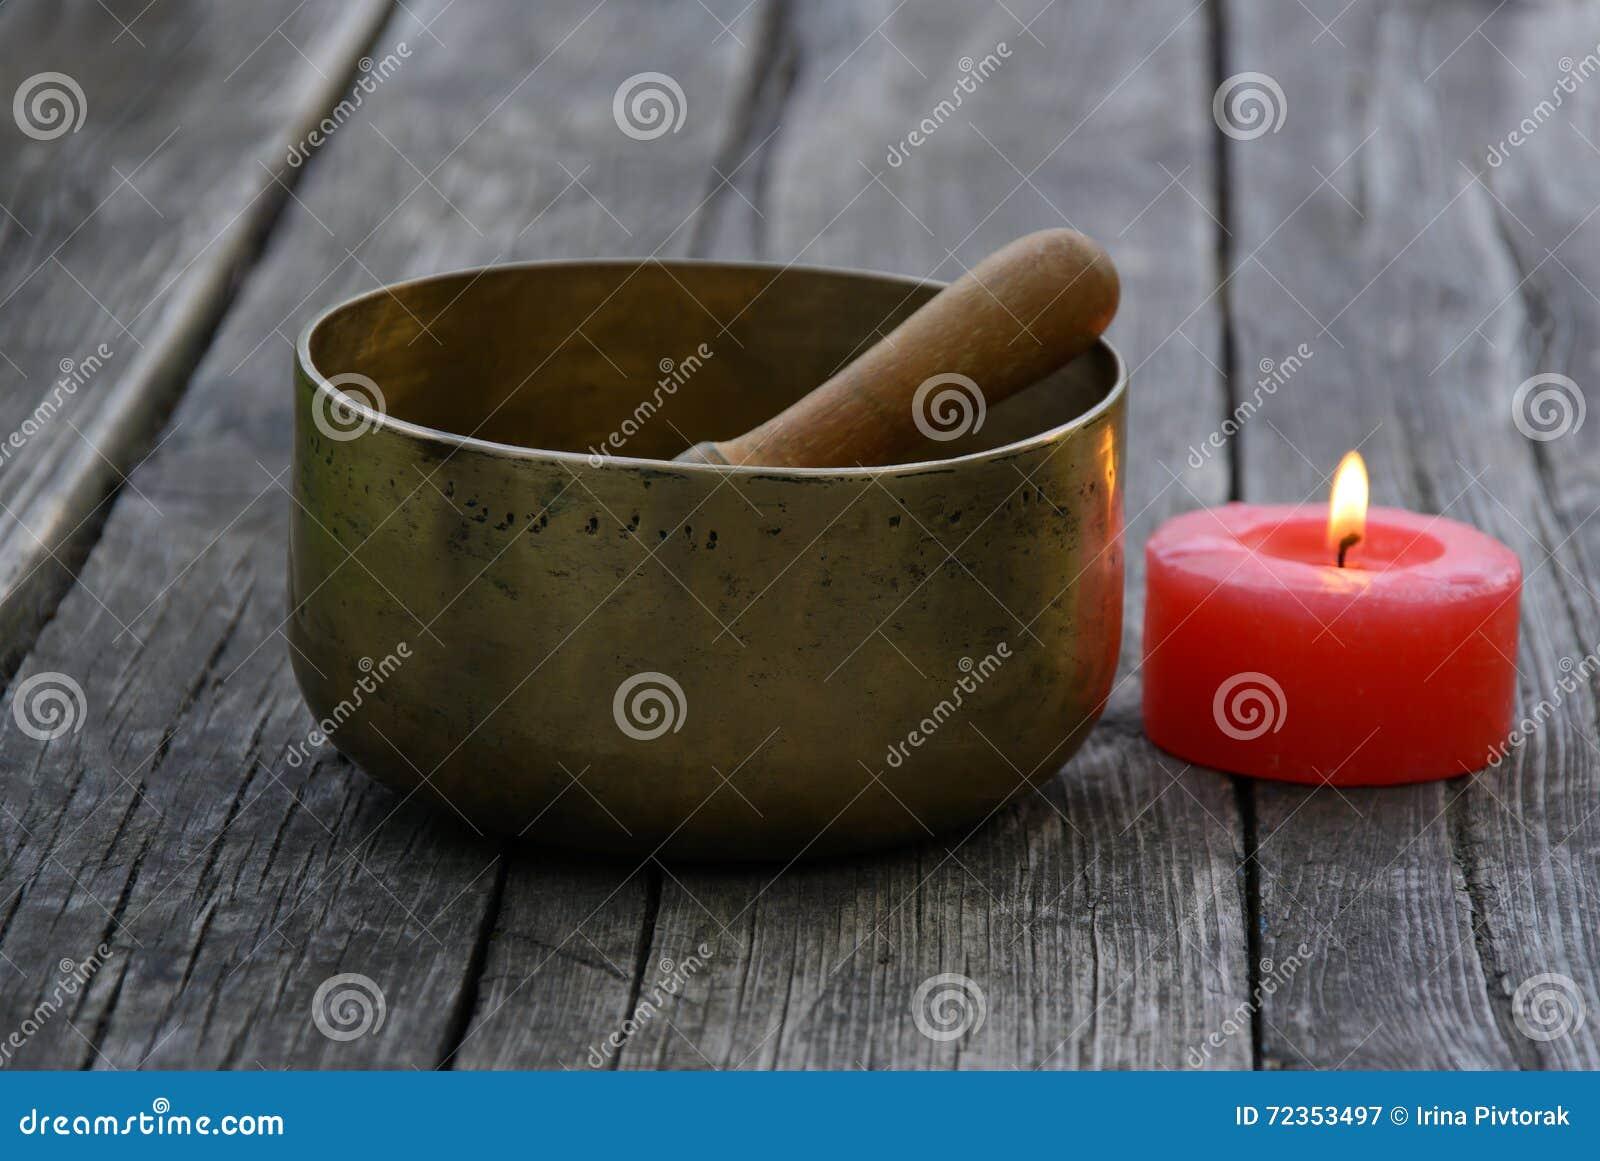 唱歌碗和燃烧红色蜡烛